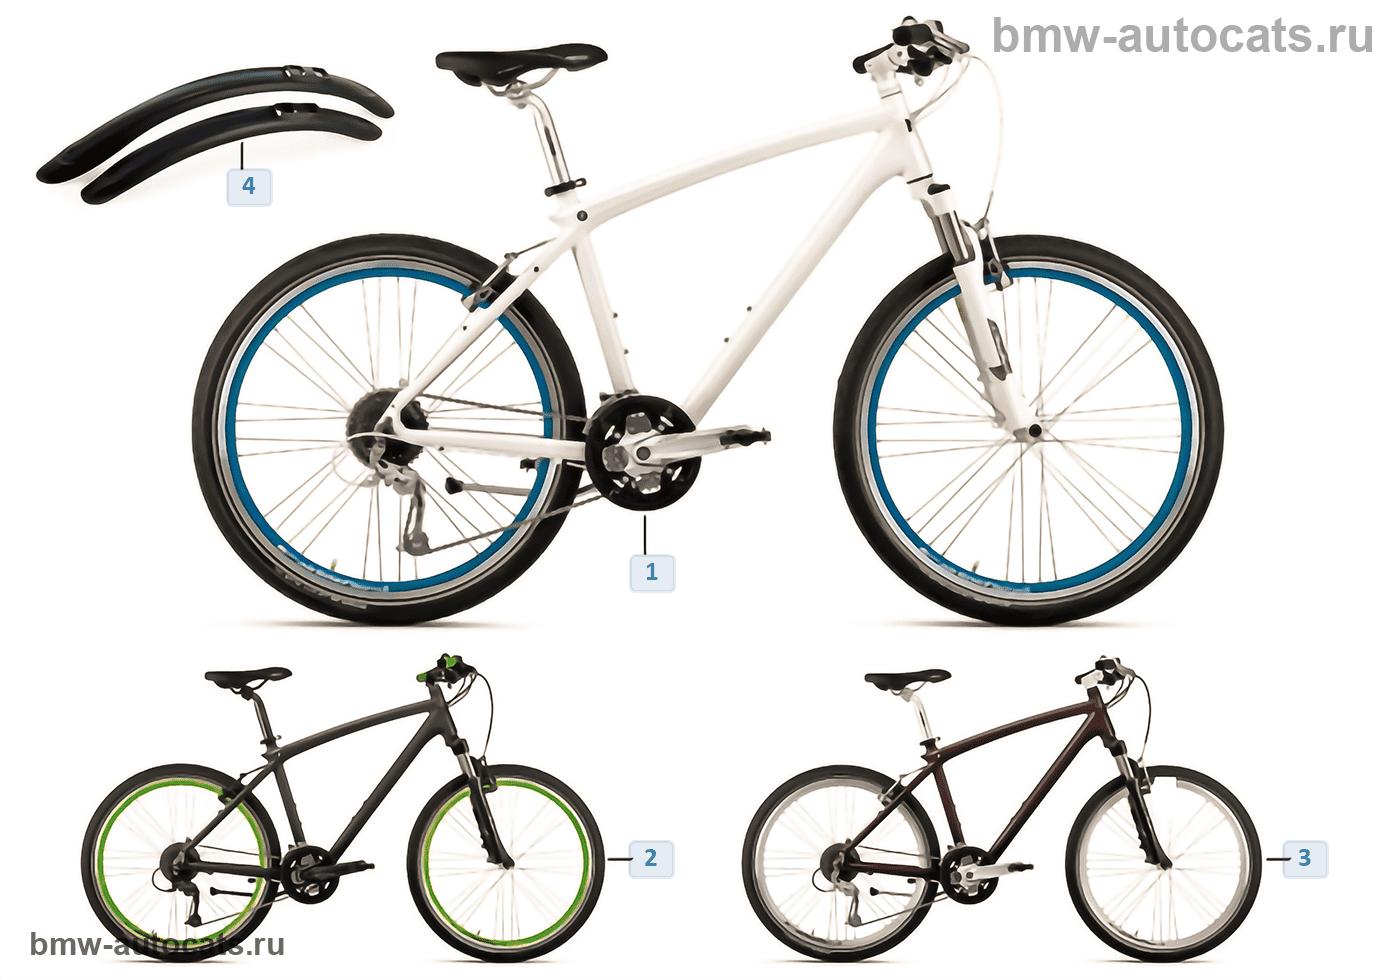 Bikes & Equipment-Cruise Bike 2013/14